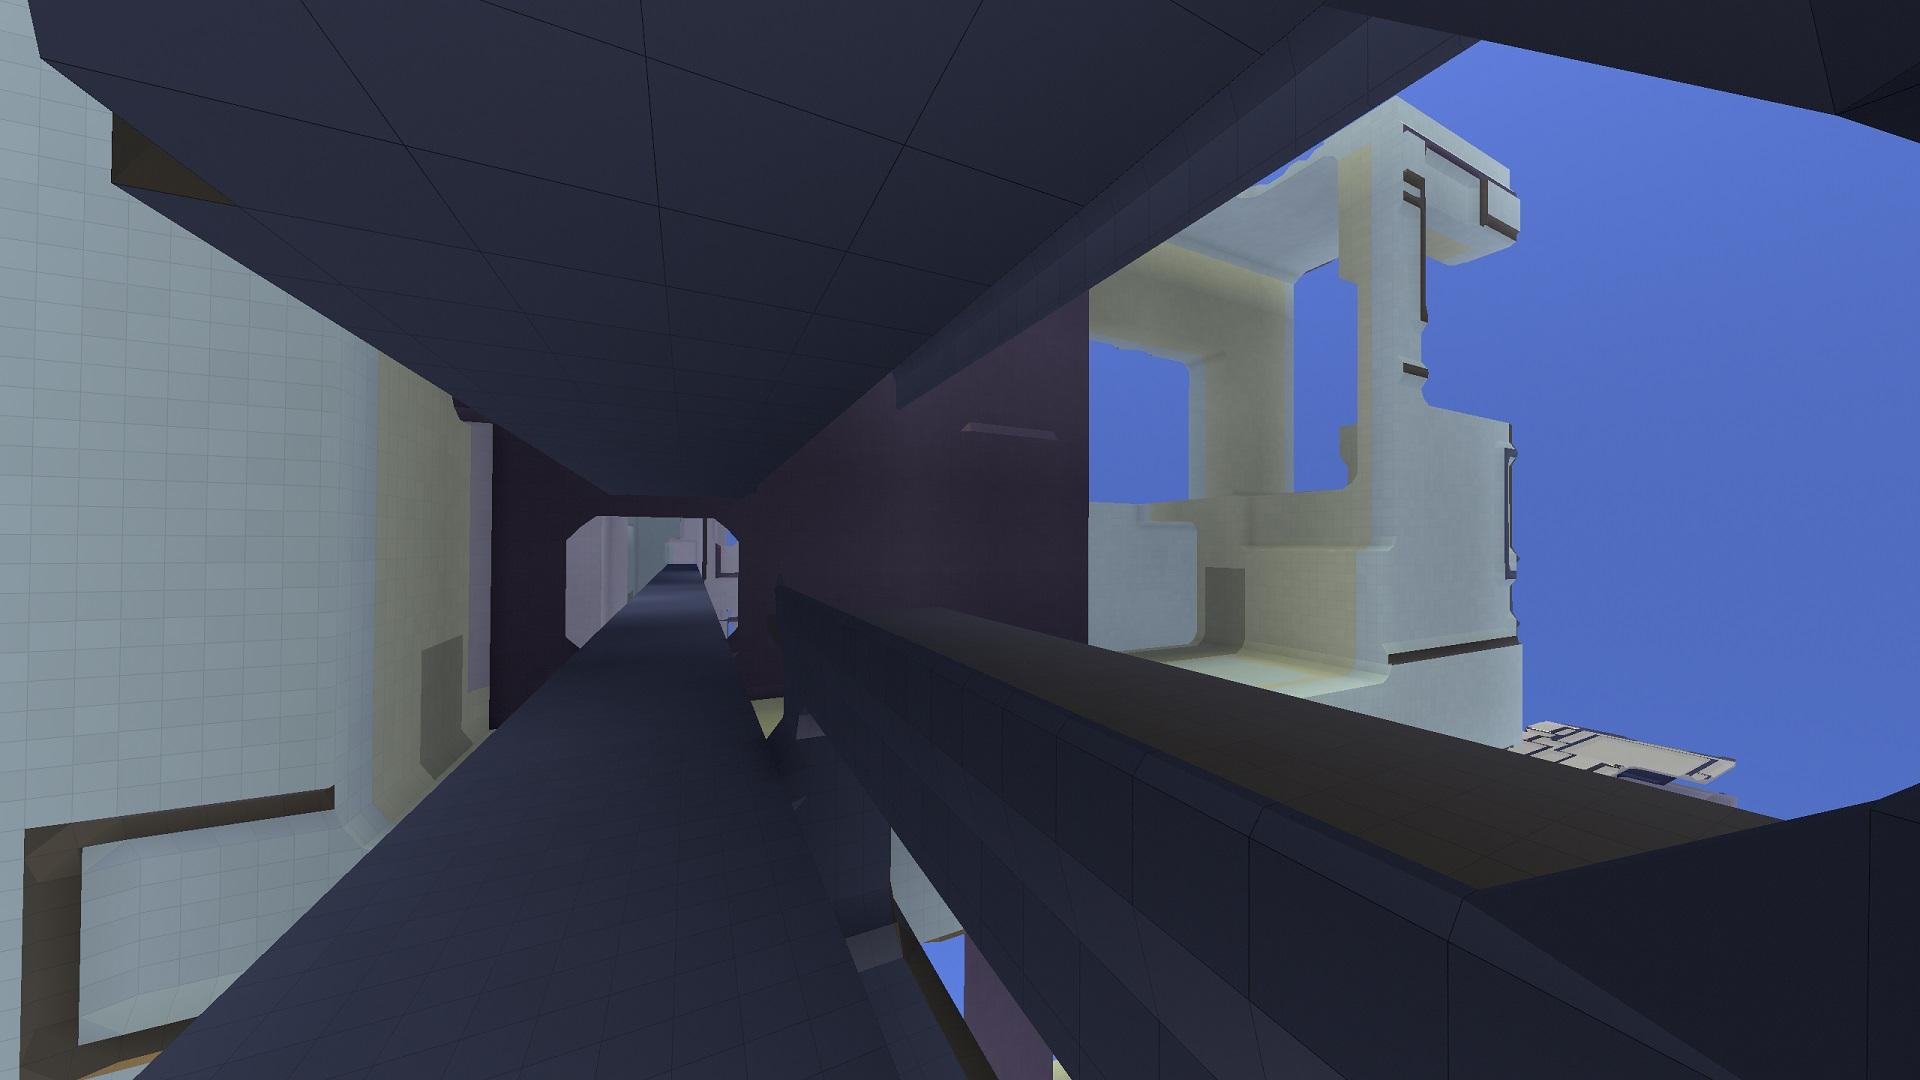 Avoyd voxel game prototype screenshot